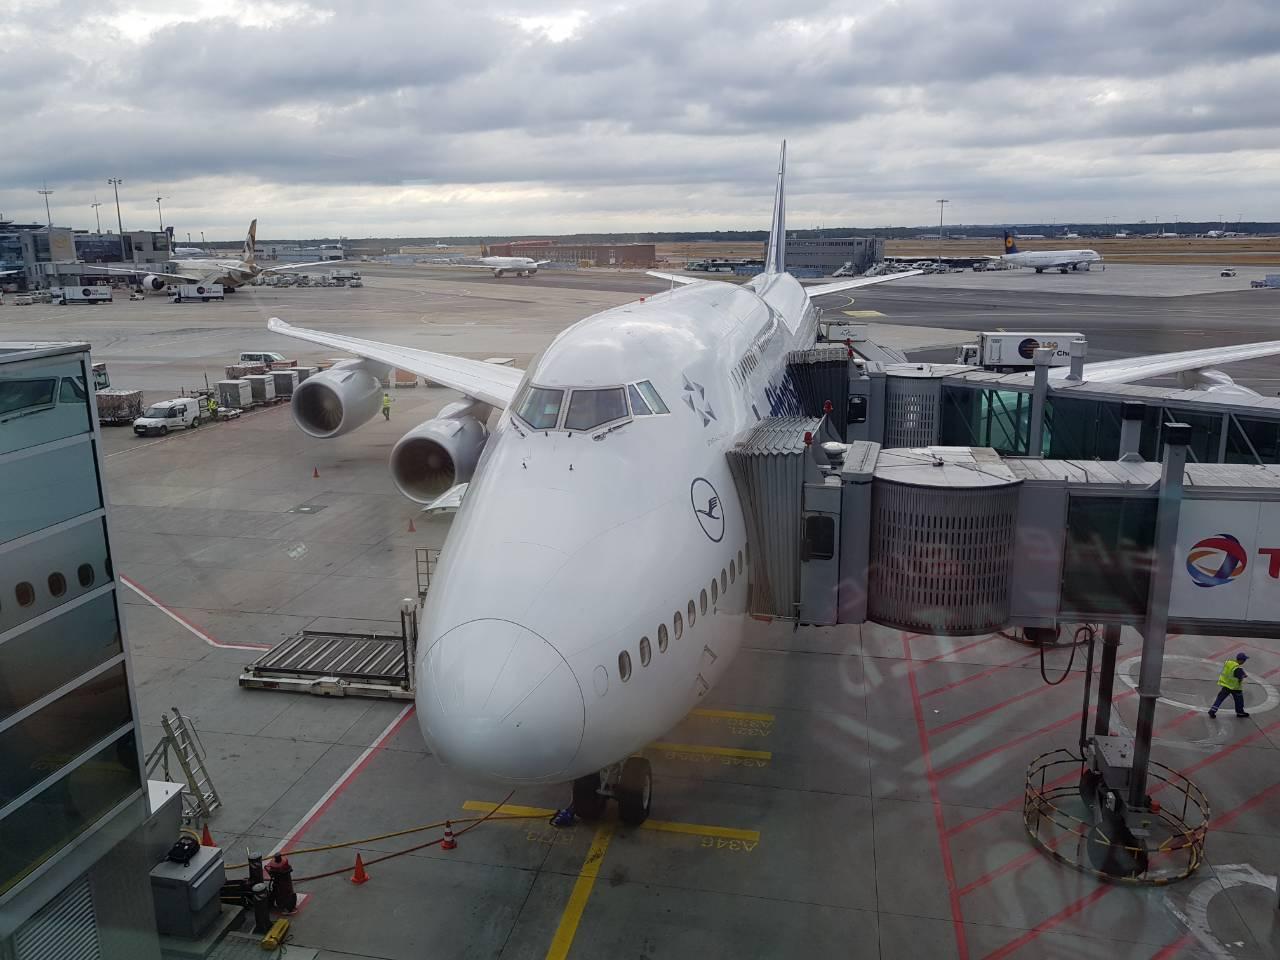 Műnchen - San Francisco moje prevozno sredstvo Boeing // Privatna arhiva